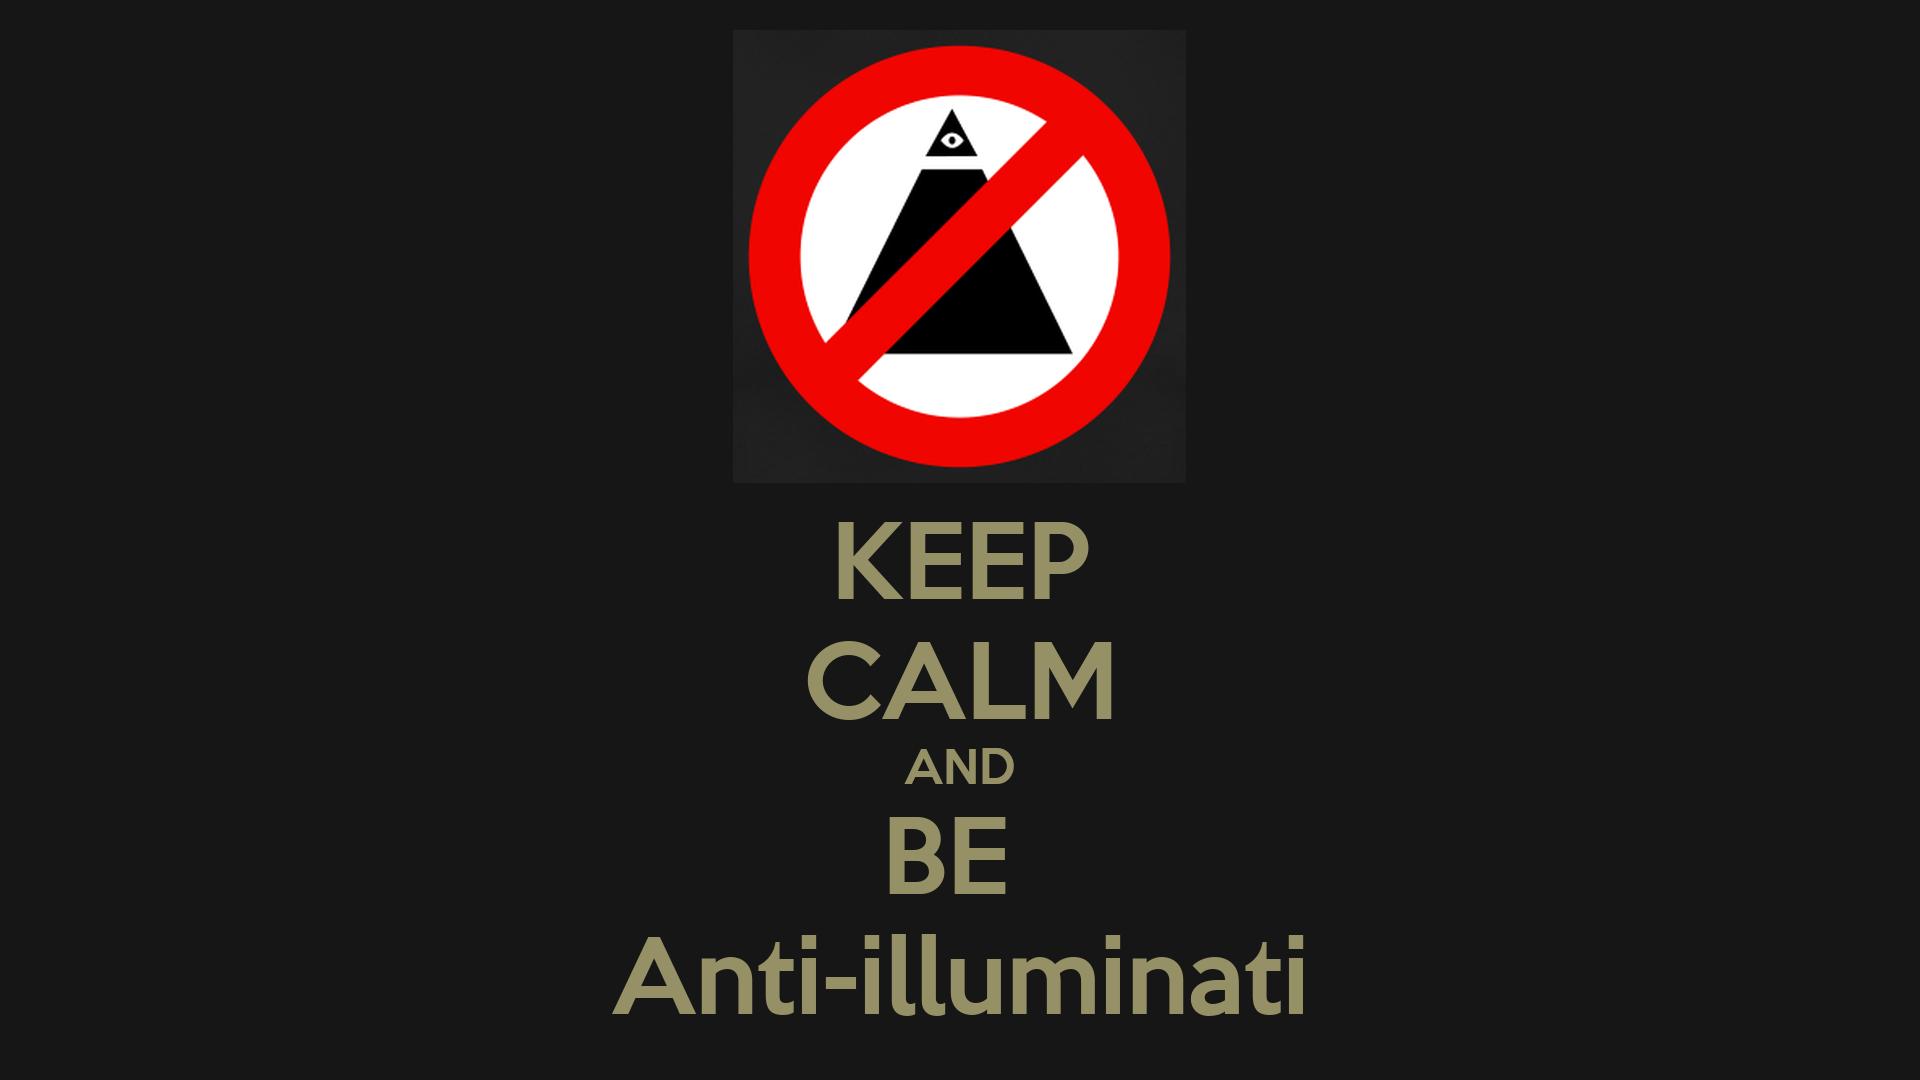 anti illuminati quotes quotesgram